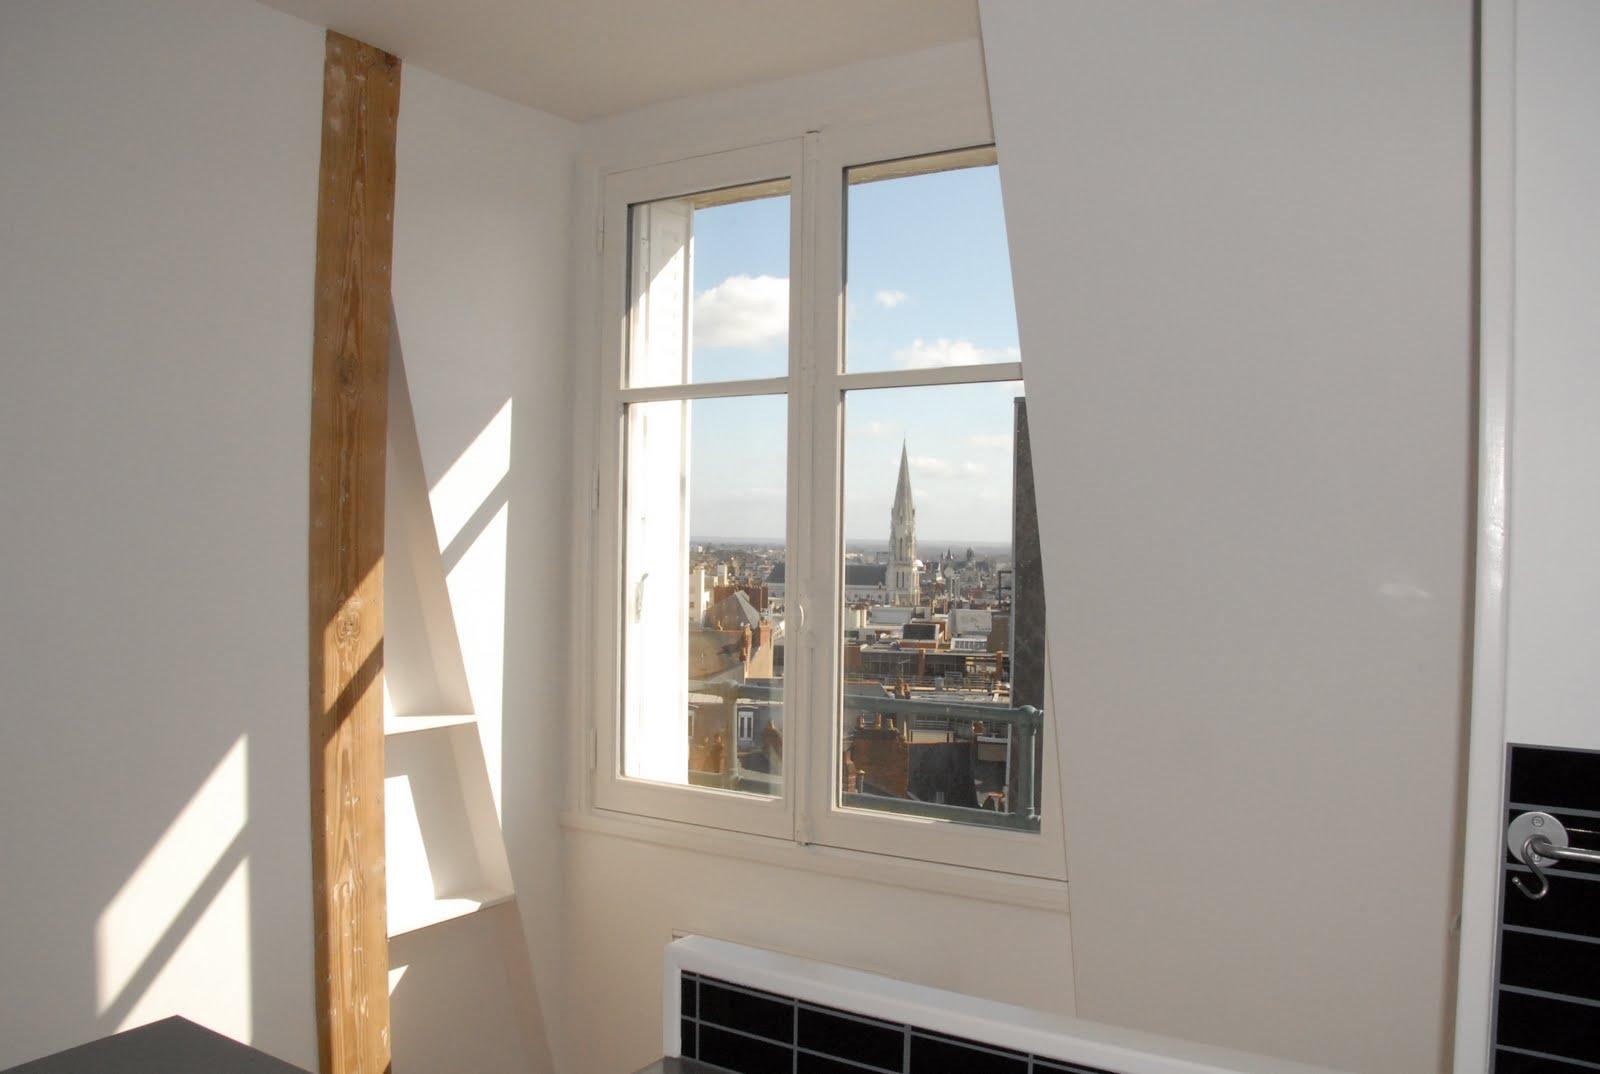 atelier d 39 architecture castellani r novation d 39 un immeuble art d co et cr ation de deux. Black Bedroom Furniture Sets. Home Design Ideas